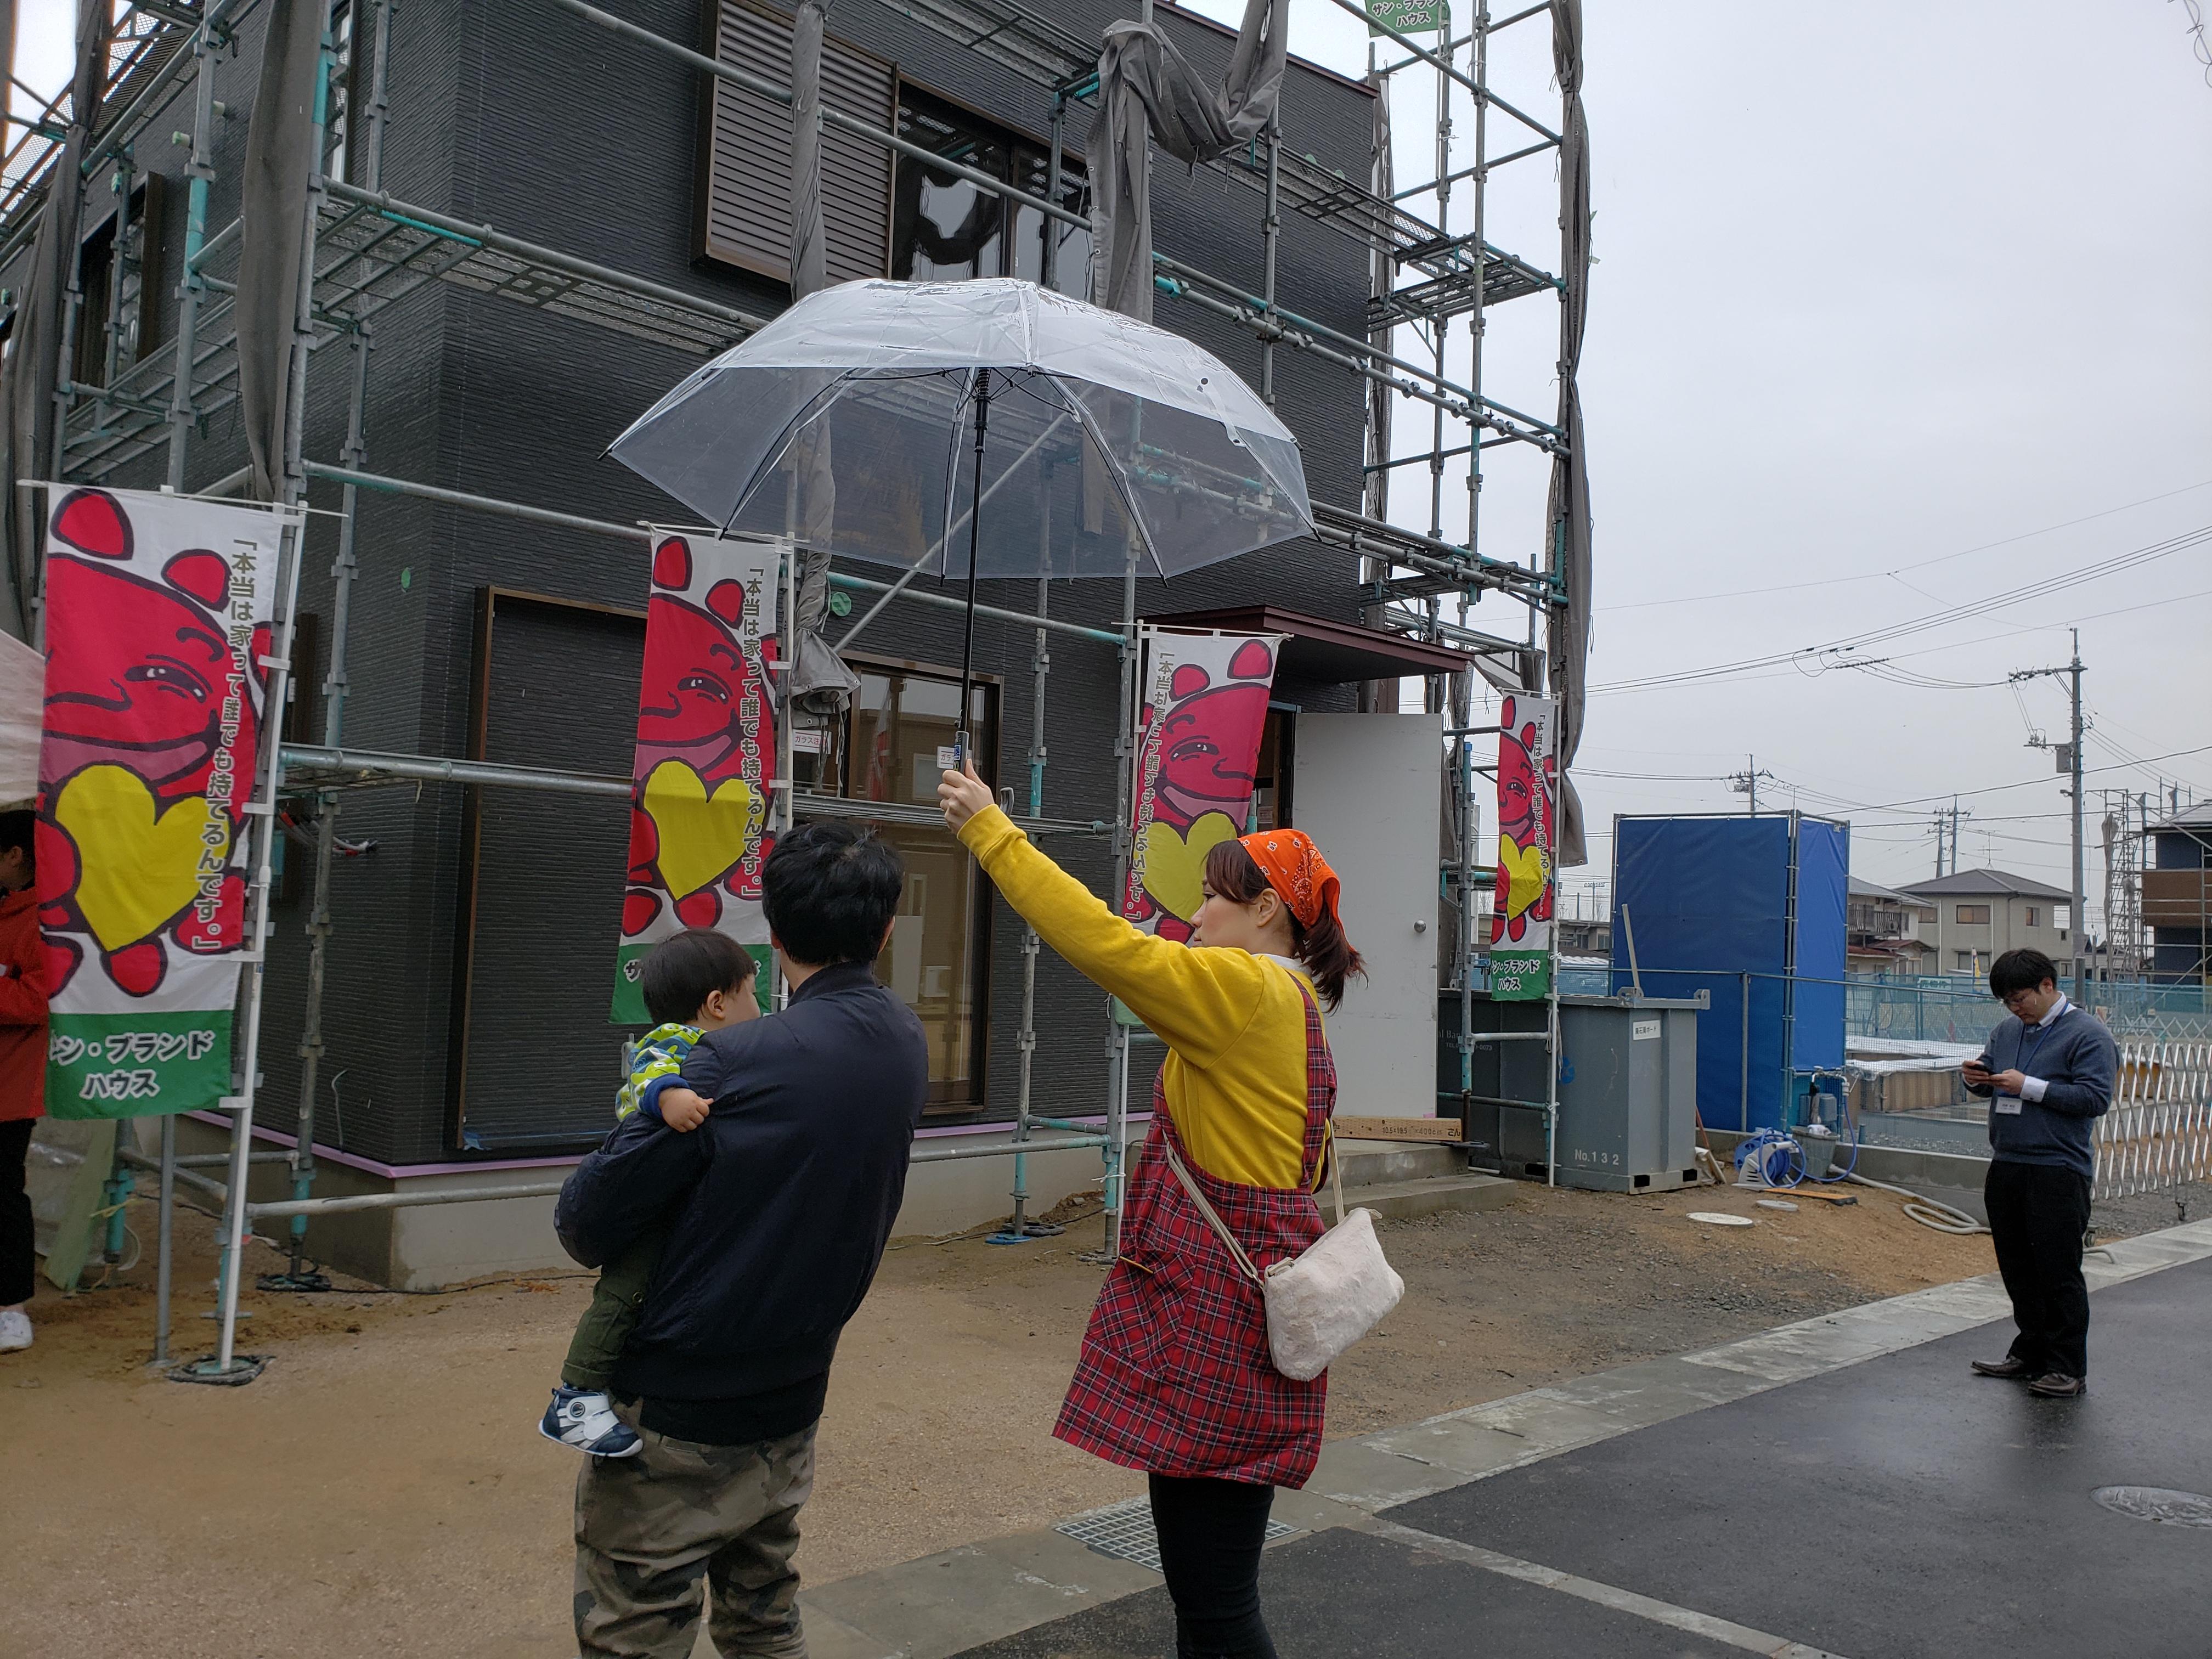 岡山市南区片岡で行われた新築見学会の様子です。